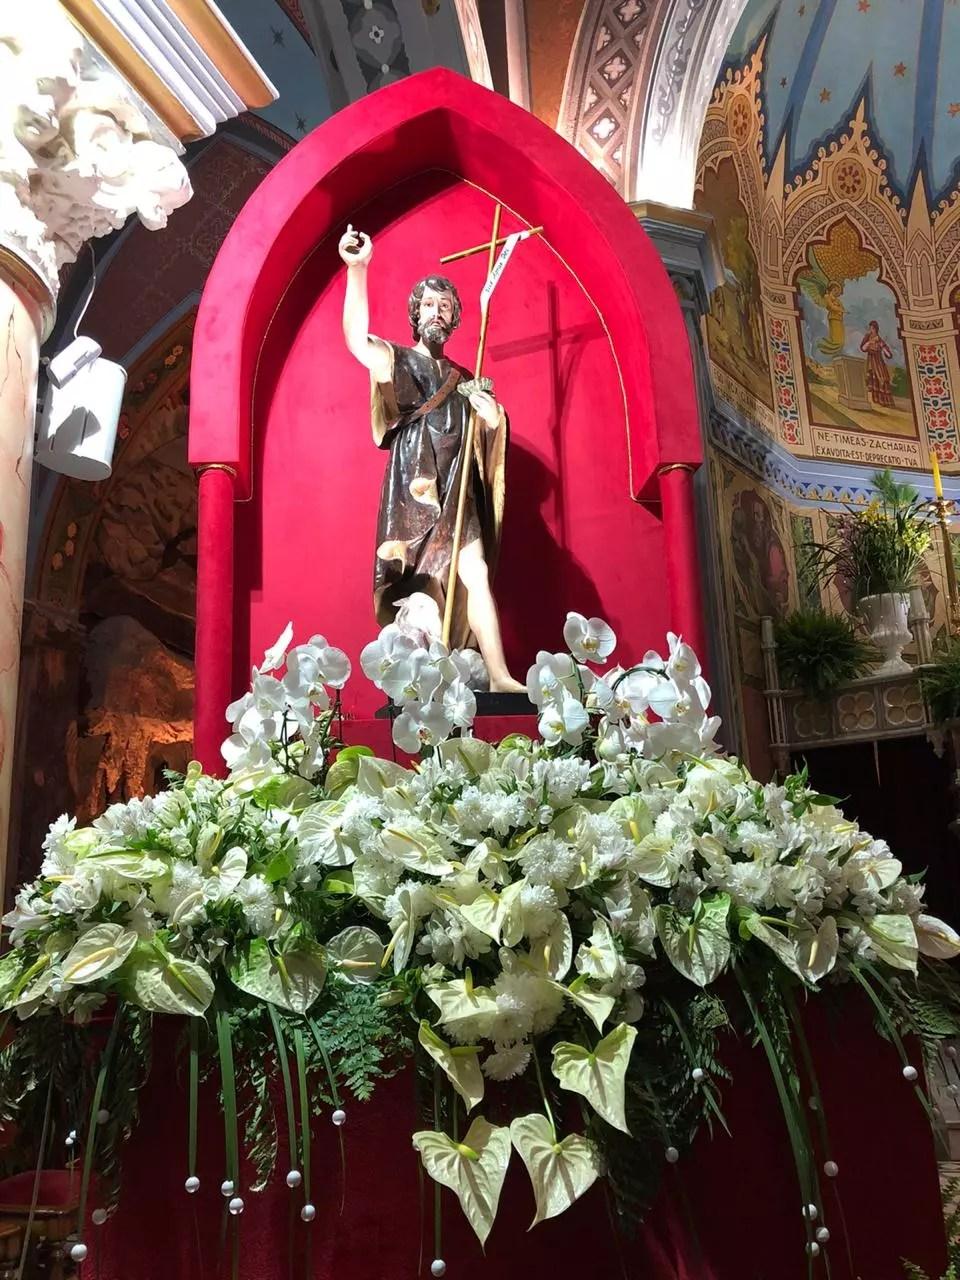 Padroeiro da cidade, São João é homenageado durante a festa